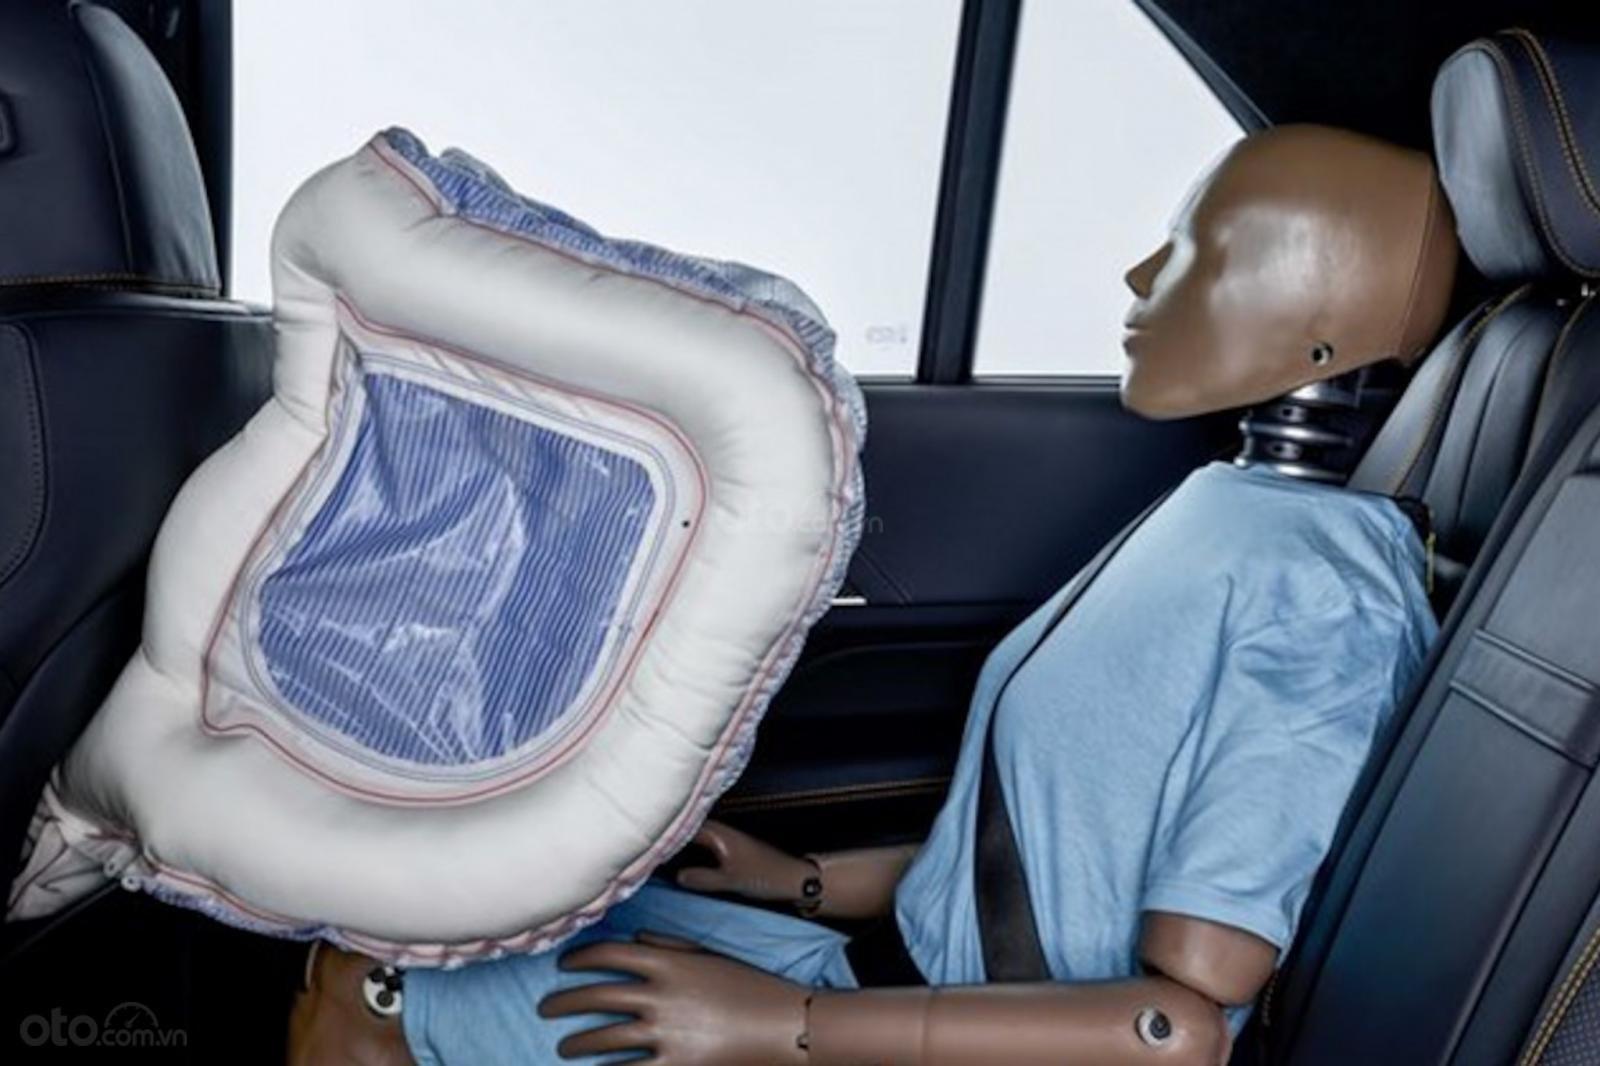 Túi khí ghế sau đang được Mercedes-Benz nghiên cứu